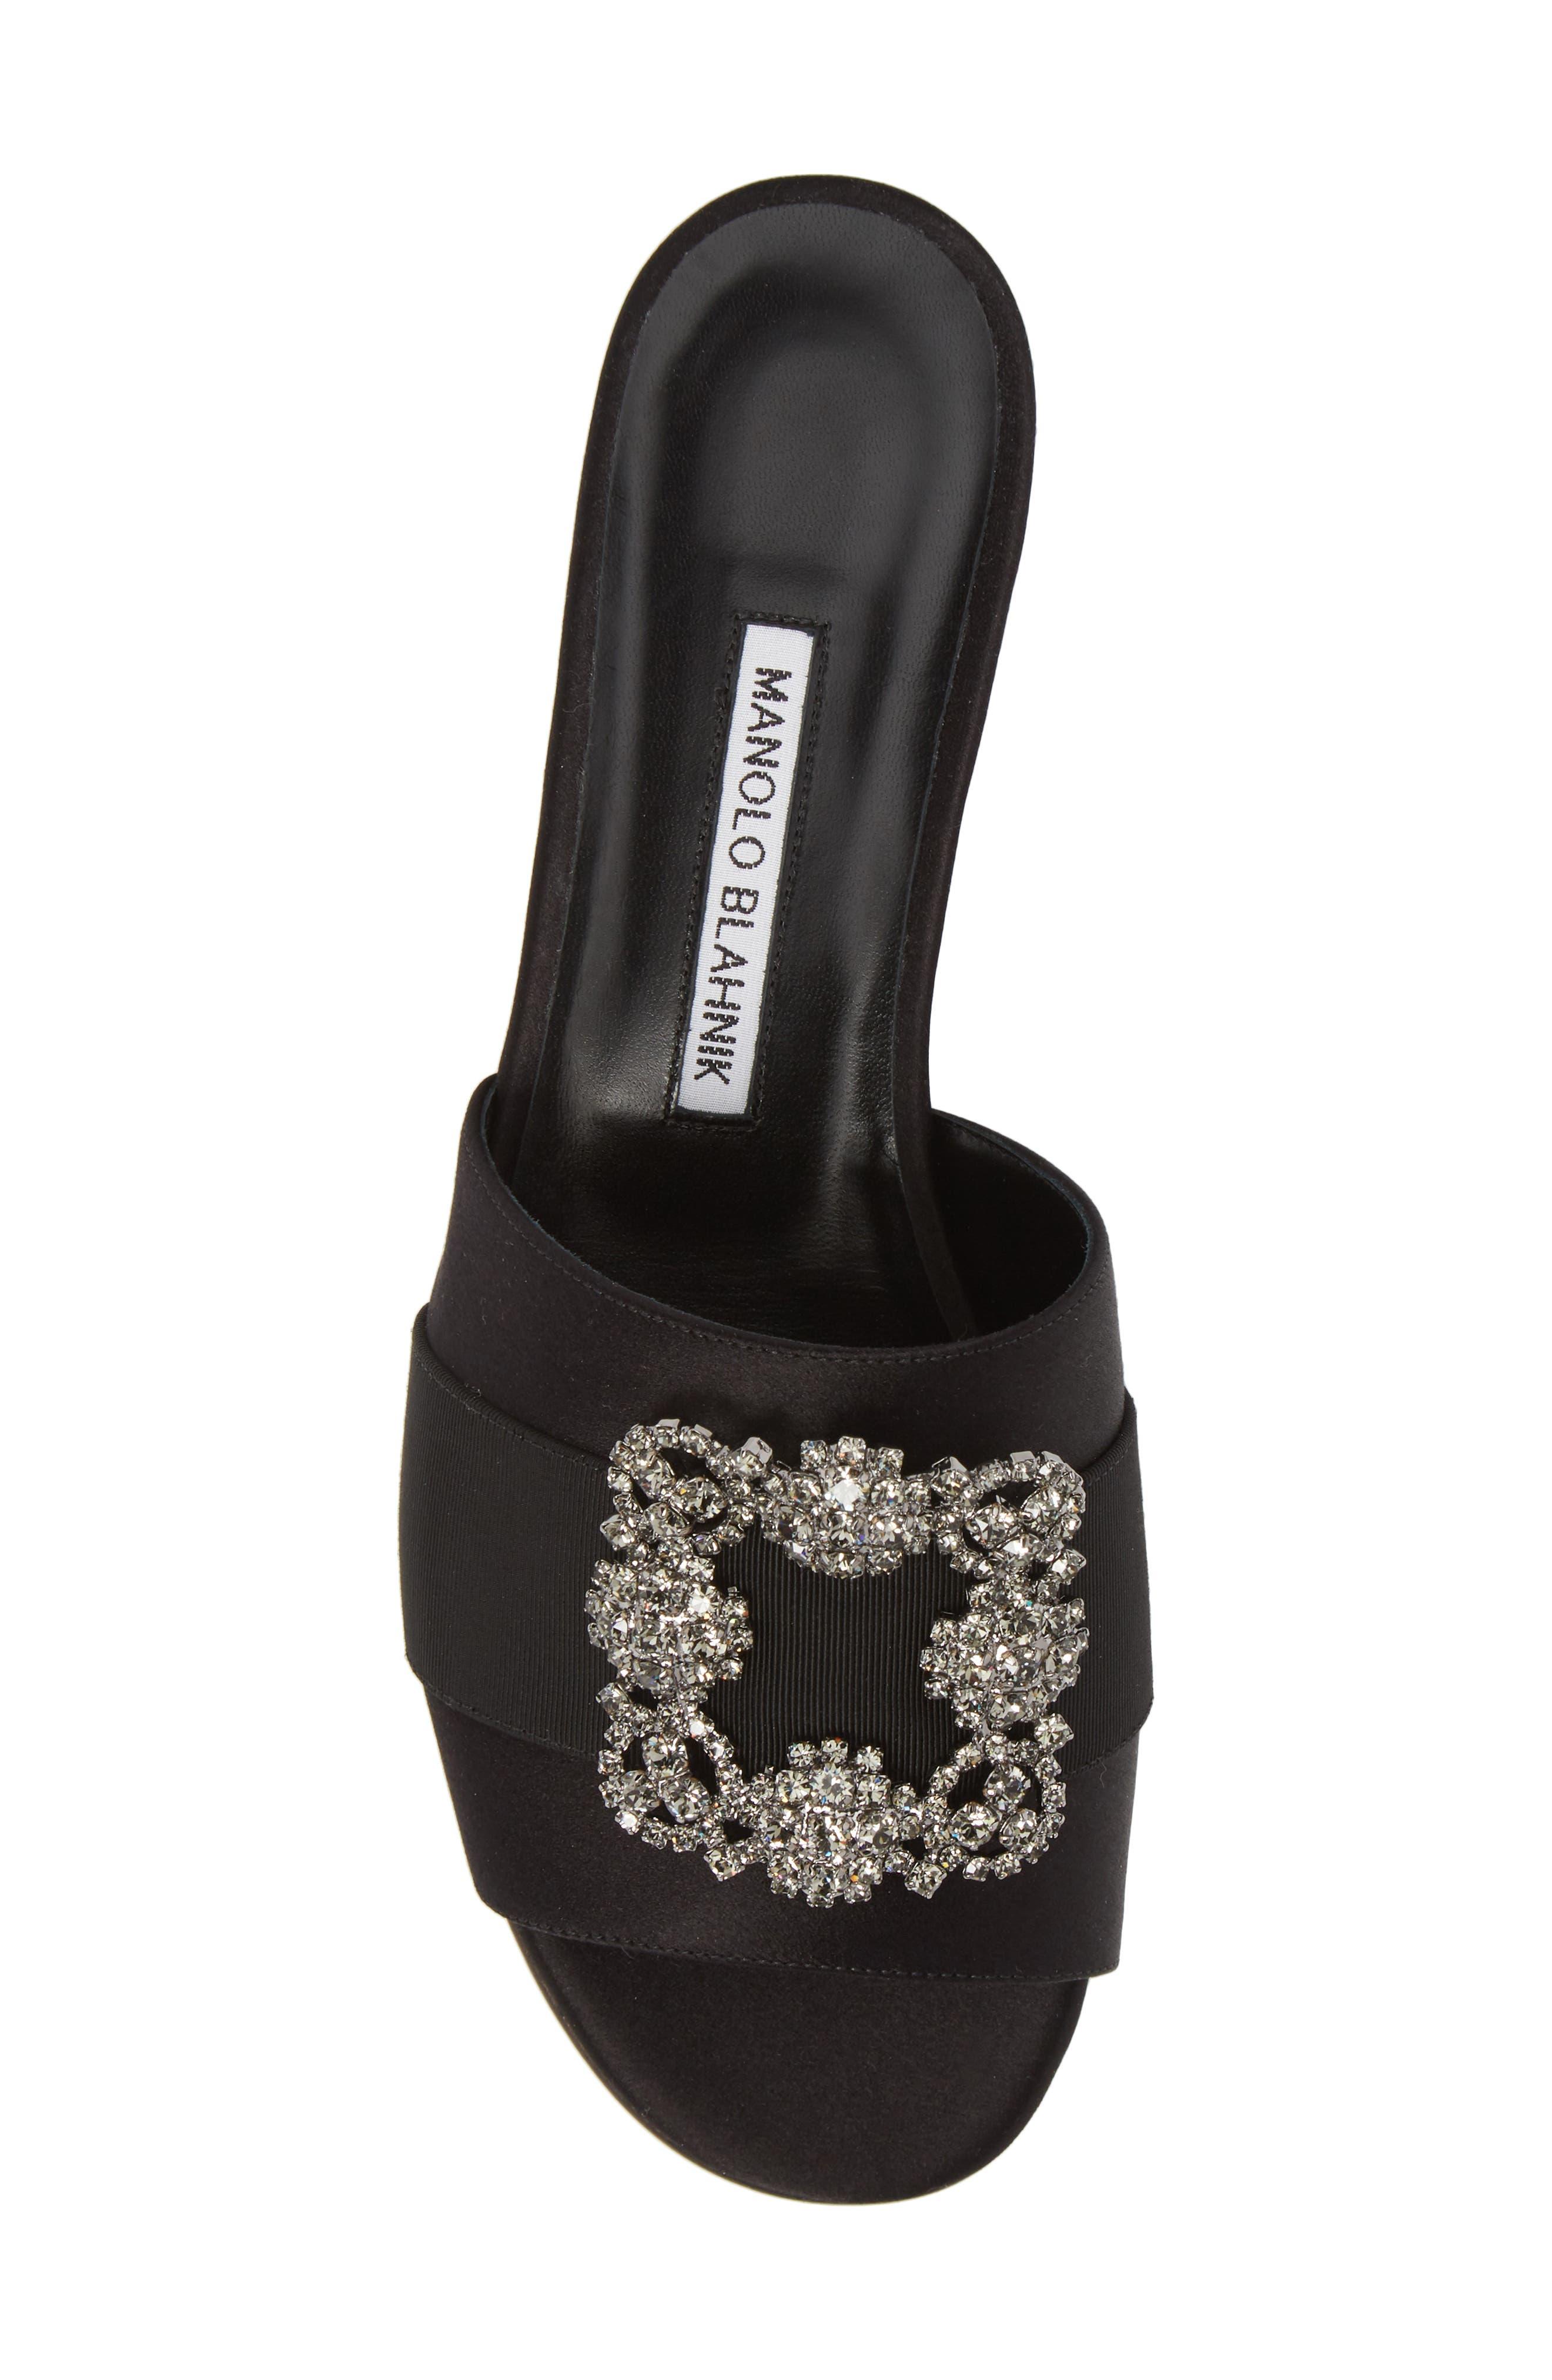 Martamod Crystal Embellished Slide Sandal,                             Alternate thumbnail 5, color,                             001